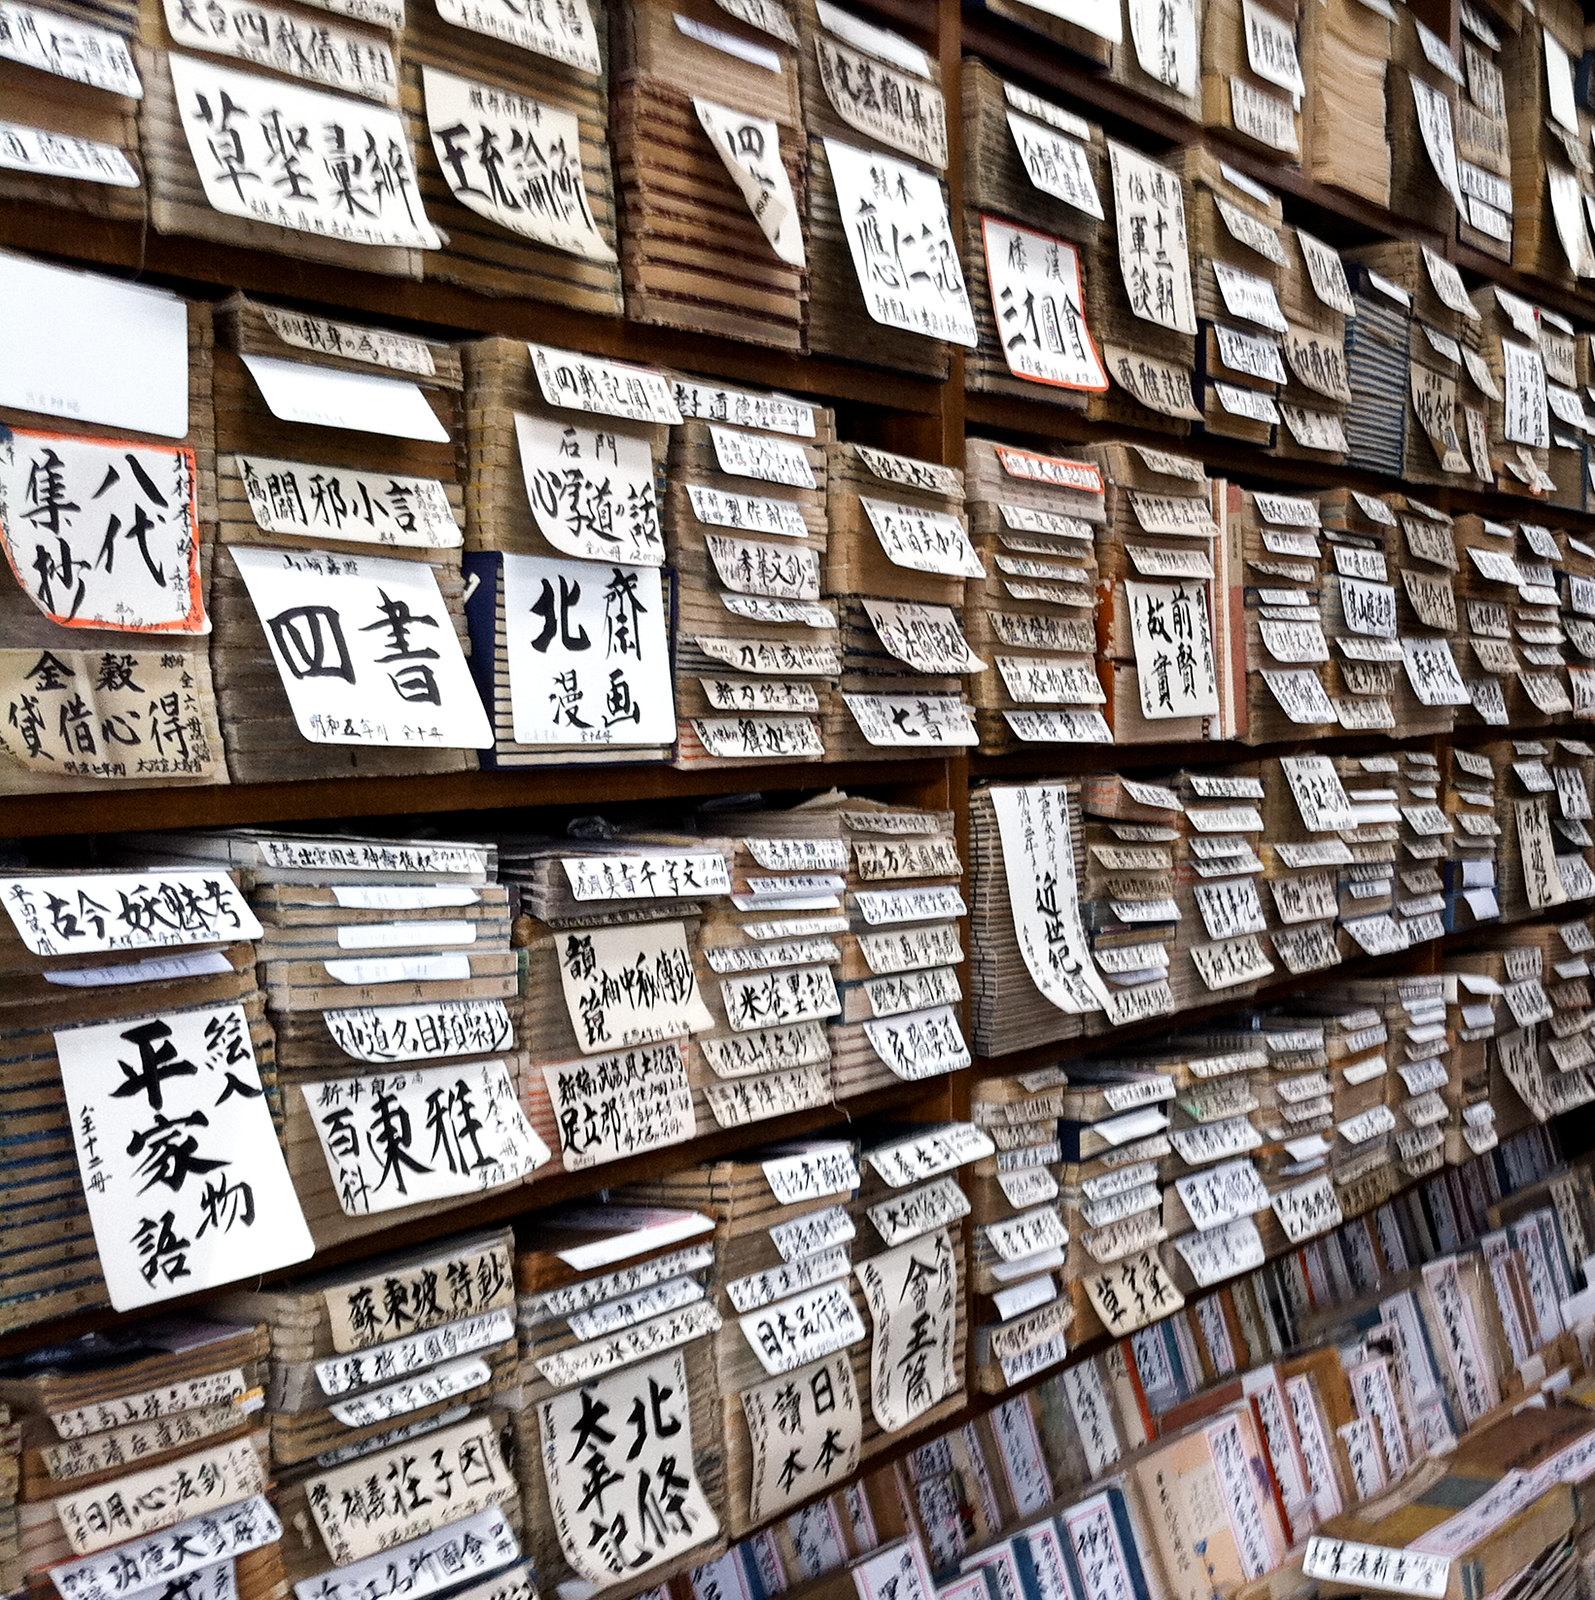 Negozio di libri usati a Jinbōchō